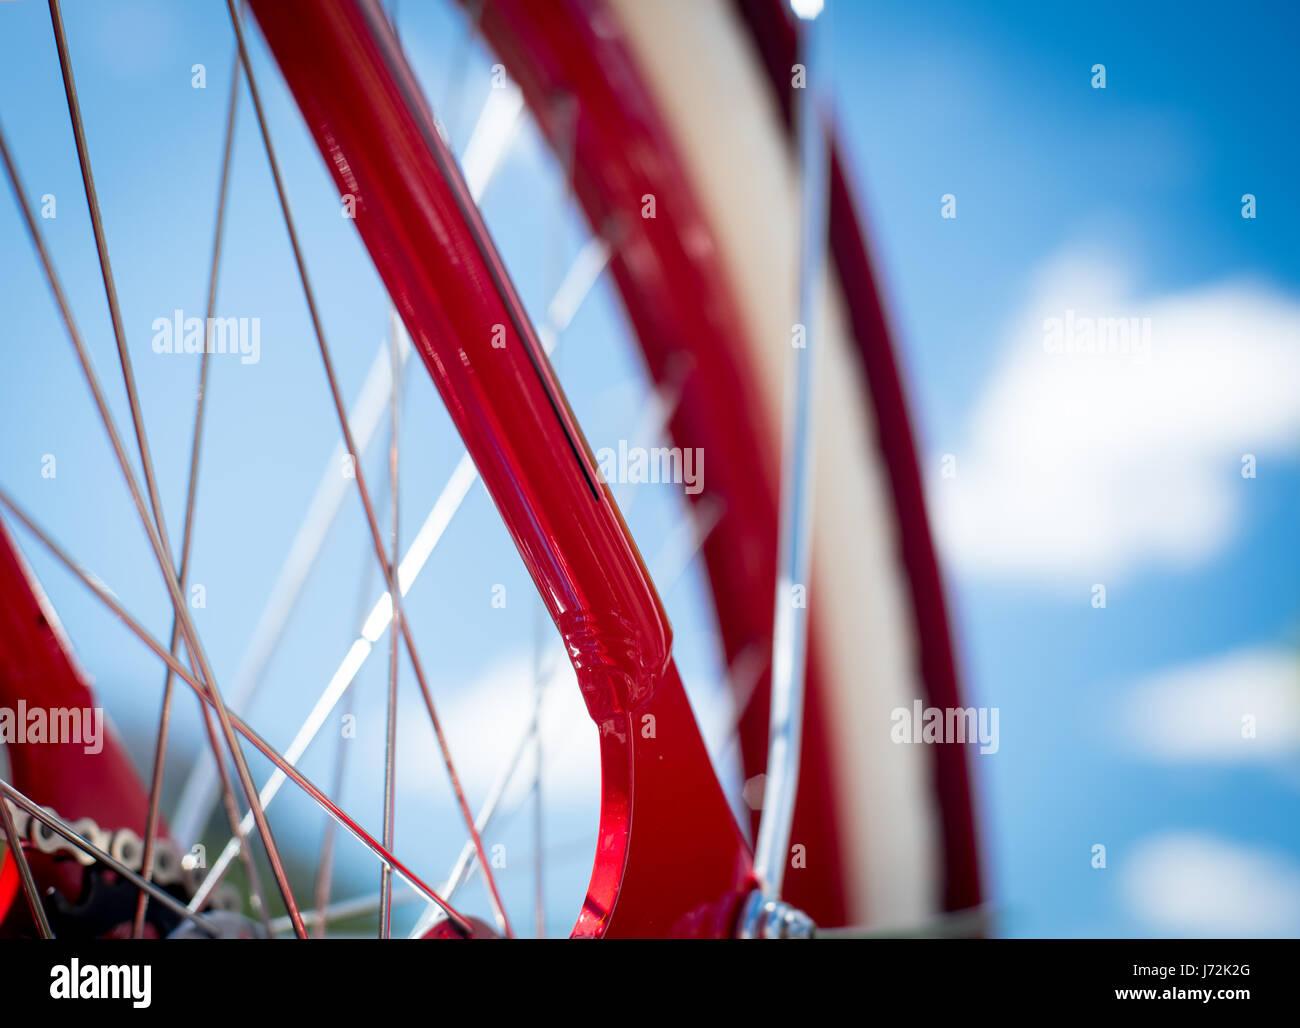 Parte del rosso telaio bicyle, bianco ruota sul cielo blu sullo sfondo, il concetto di uno stile di vita sano e Immagini Stock